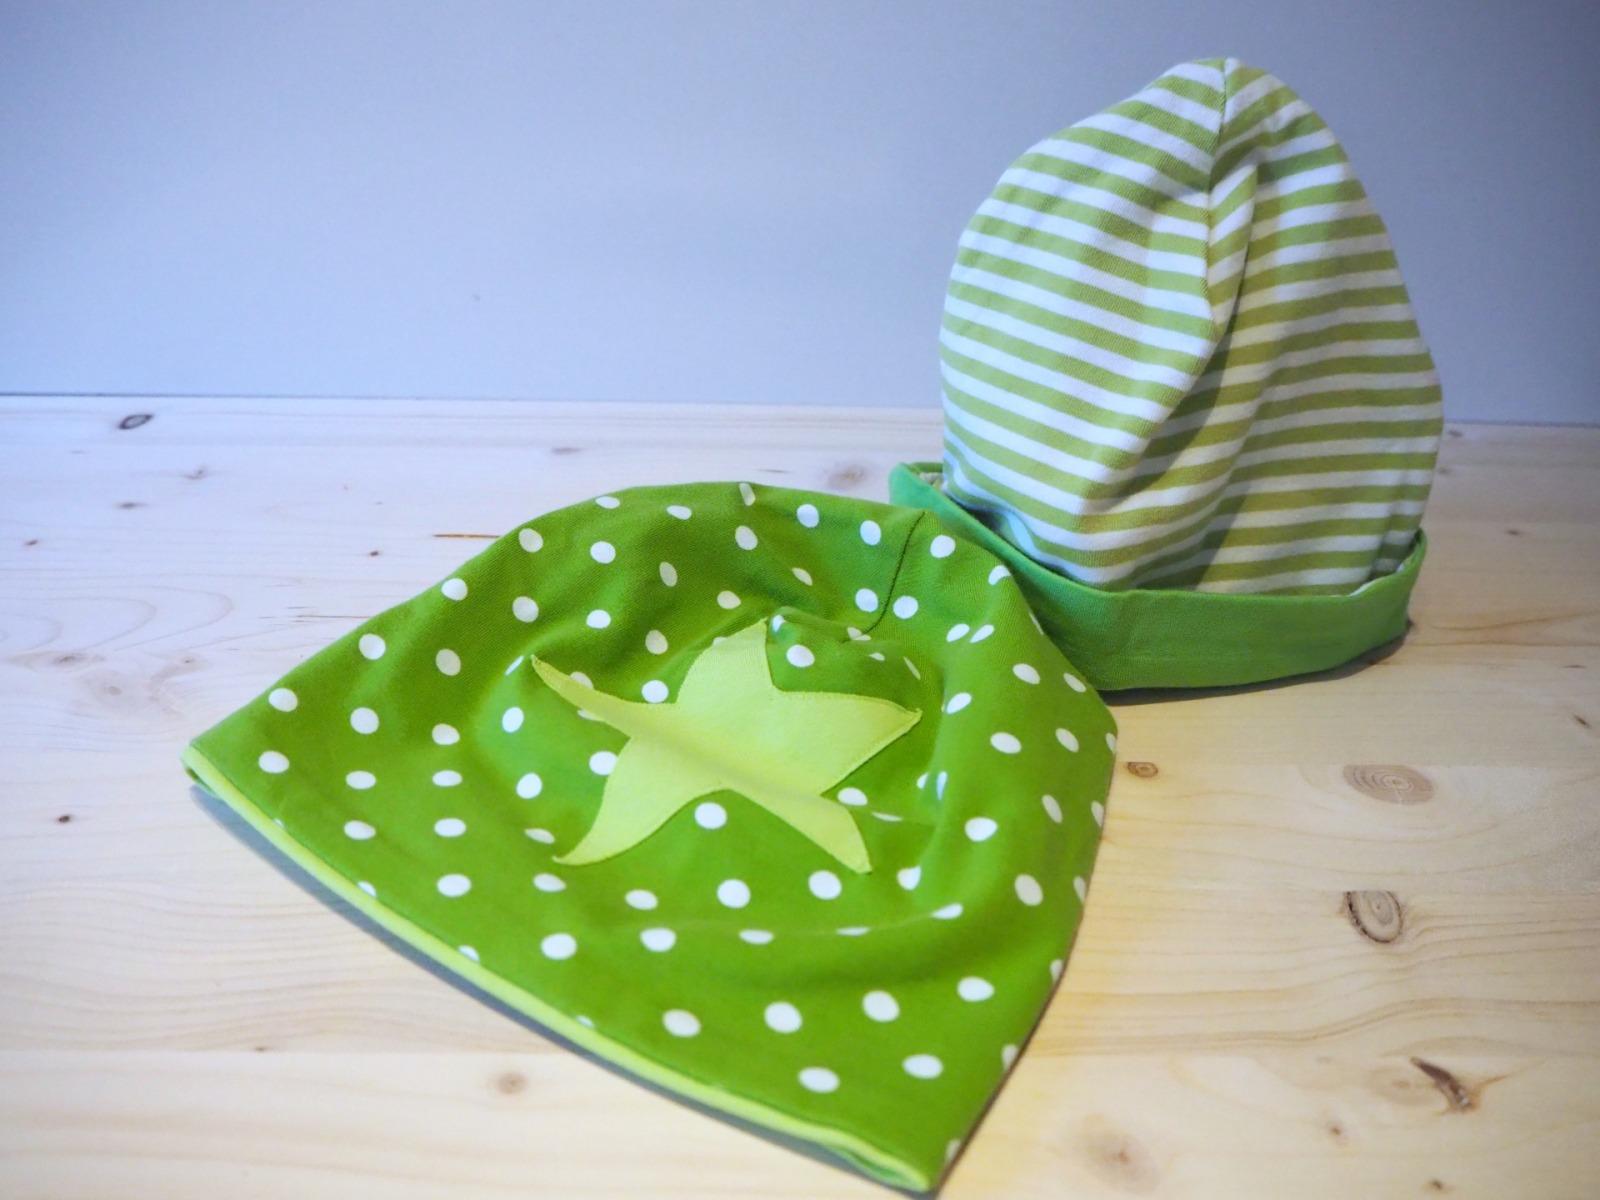 Mahlzeiten Set Butterfly Franc Fischer Bamboo